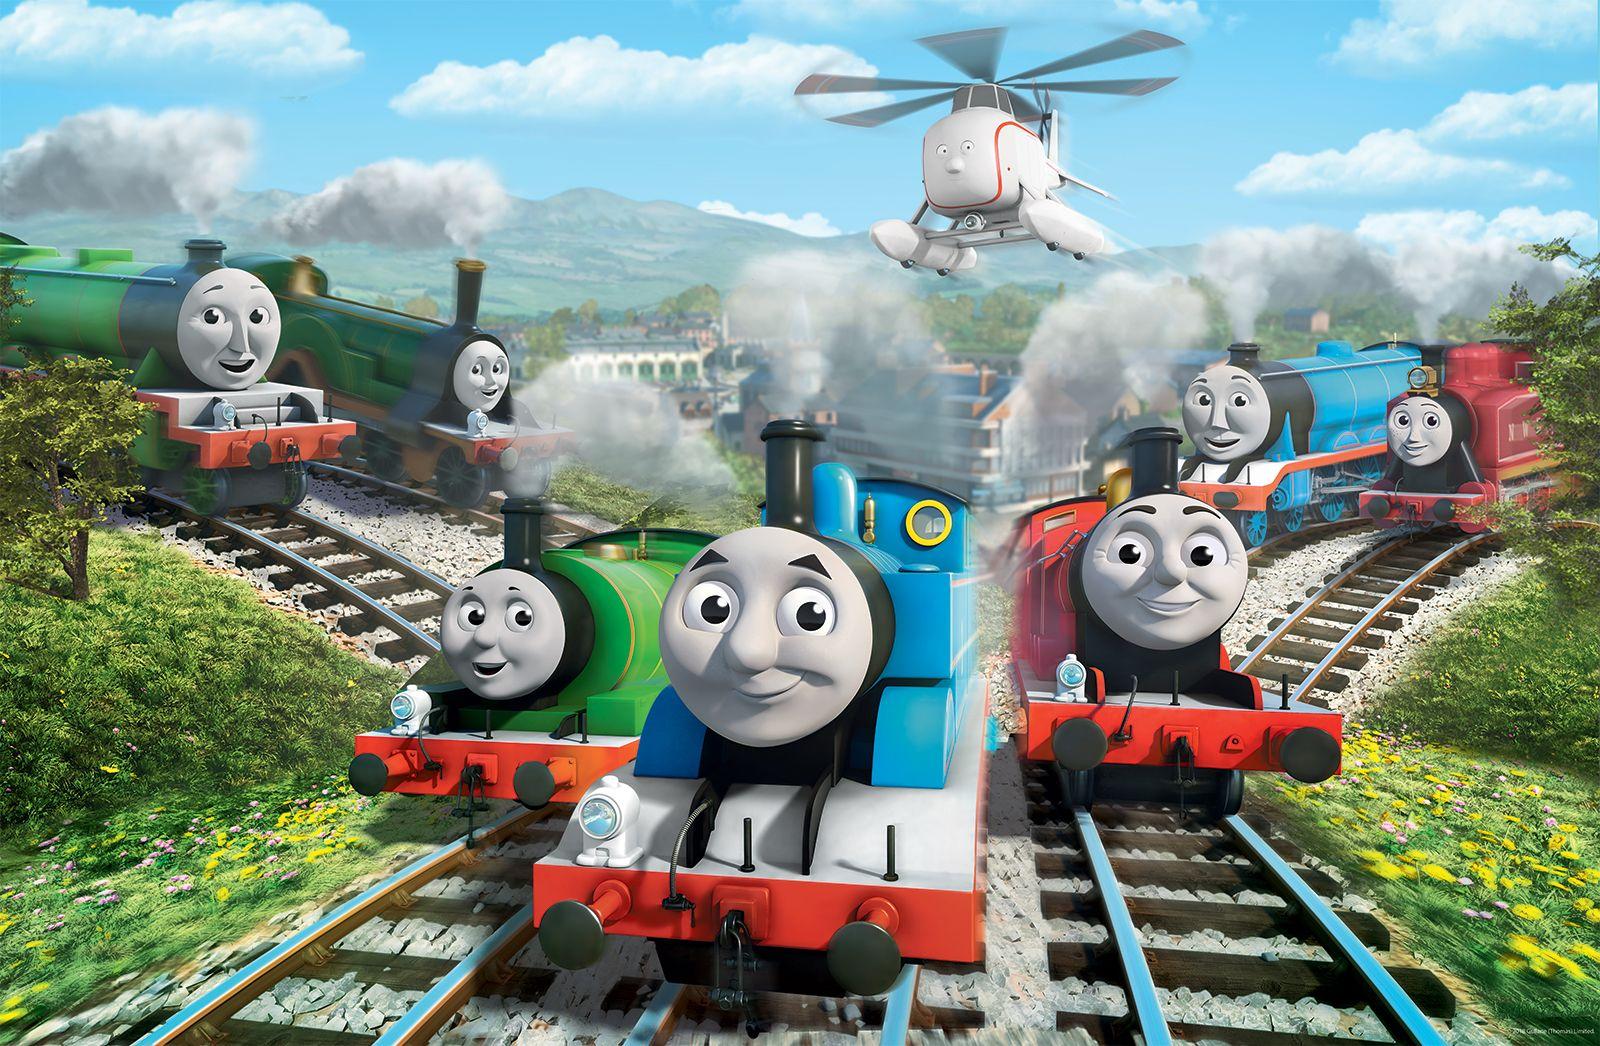 Gambar Kereta Api Thomas Hitam Putih Ini Nama Asli Kereta Uap Di Kartun Thomas And Friends Sudah Tahu Semua Halaman Bobo